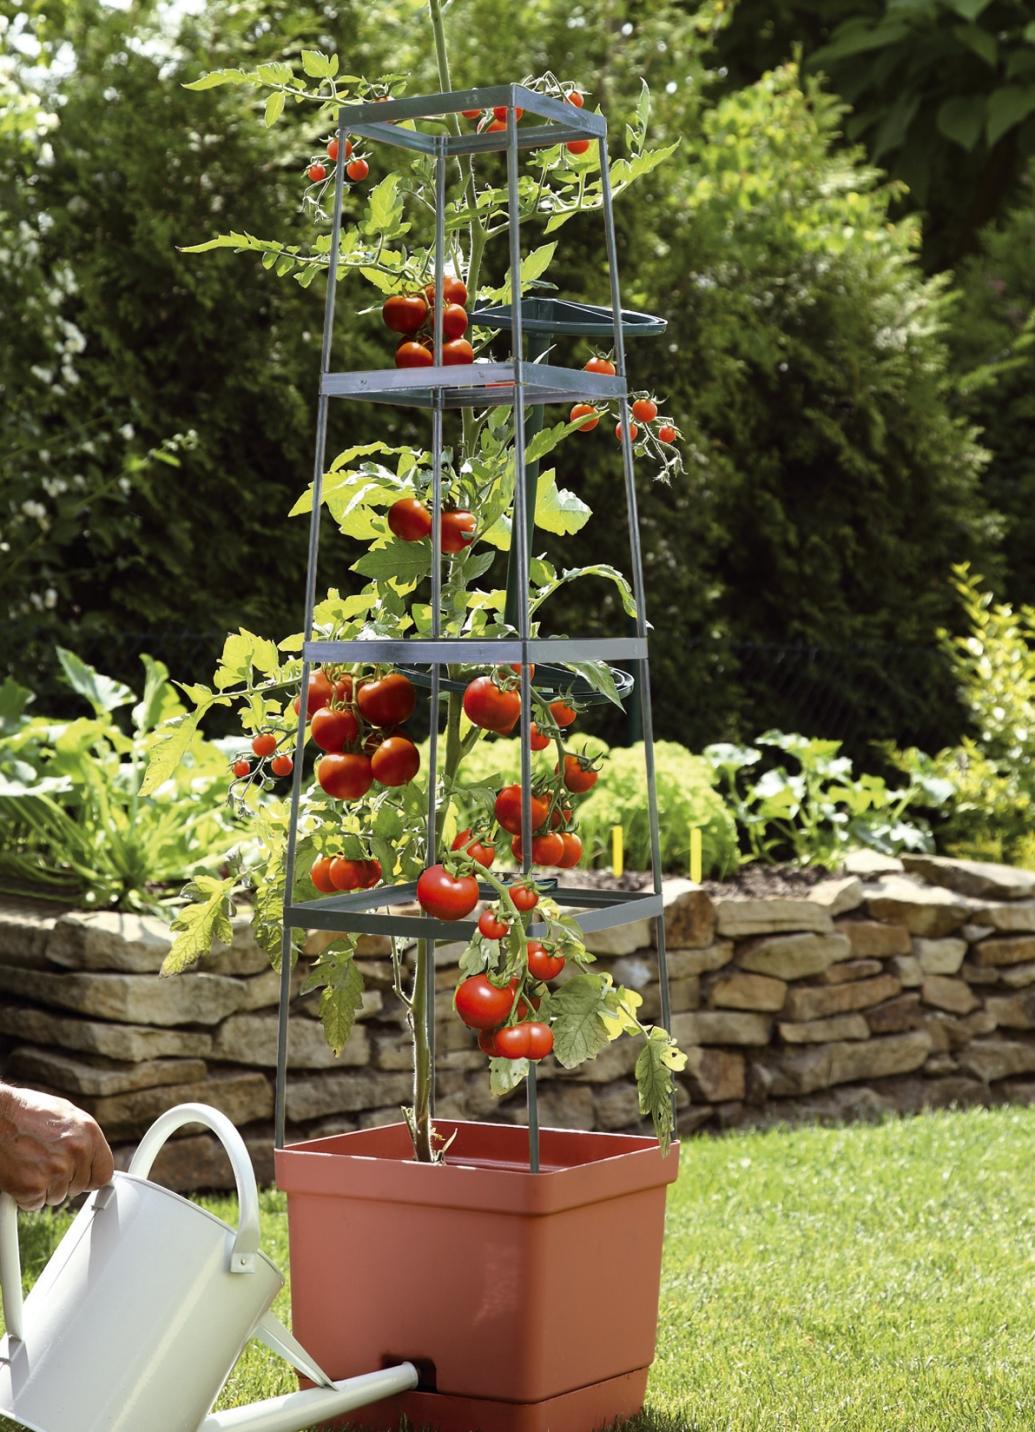 tomaten rankhilfe maxitom in 2 farben rosamunde produkte f r gartenfreunde bader. Black Bedroom Furniture Sets. Home Design Ideas